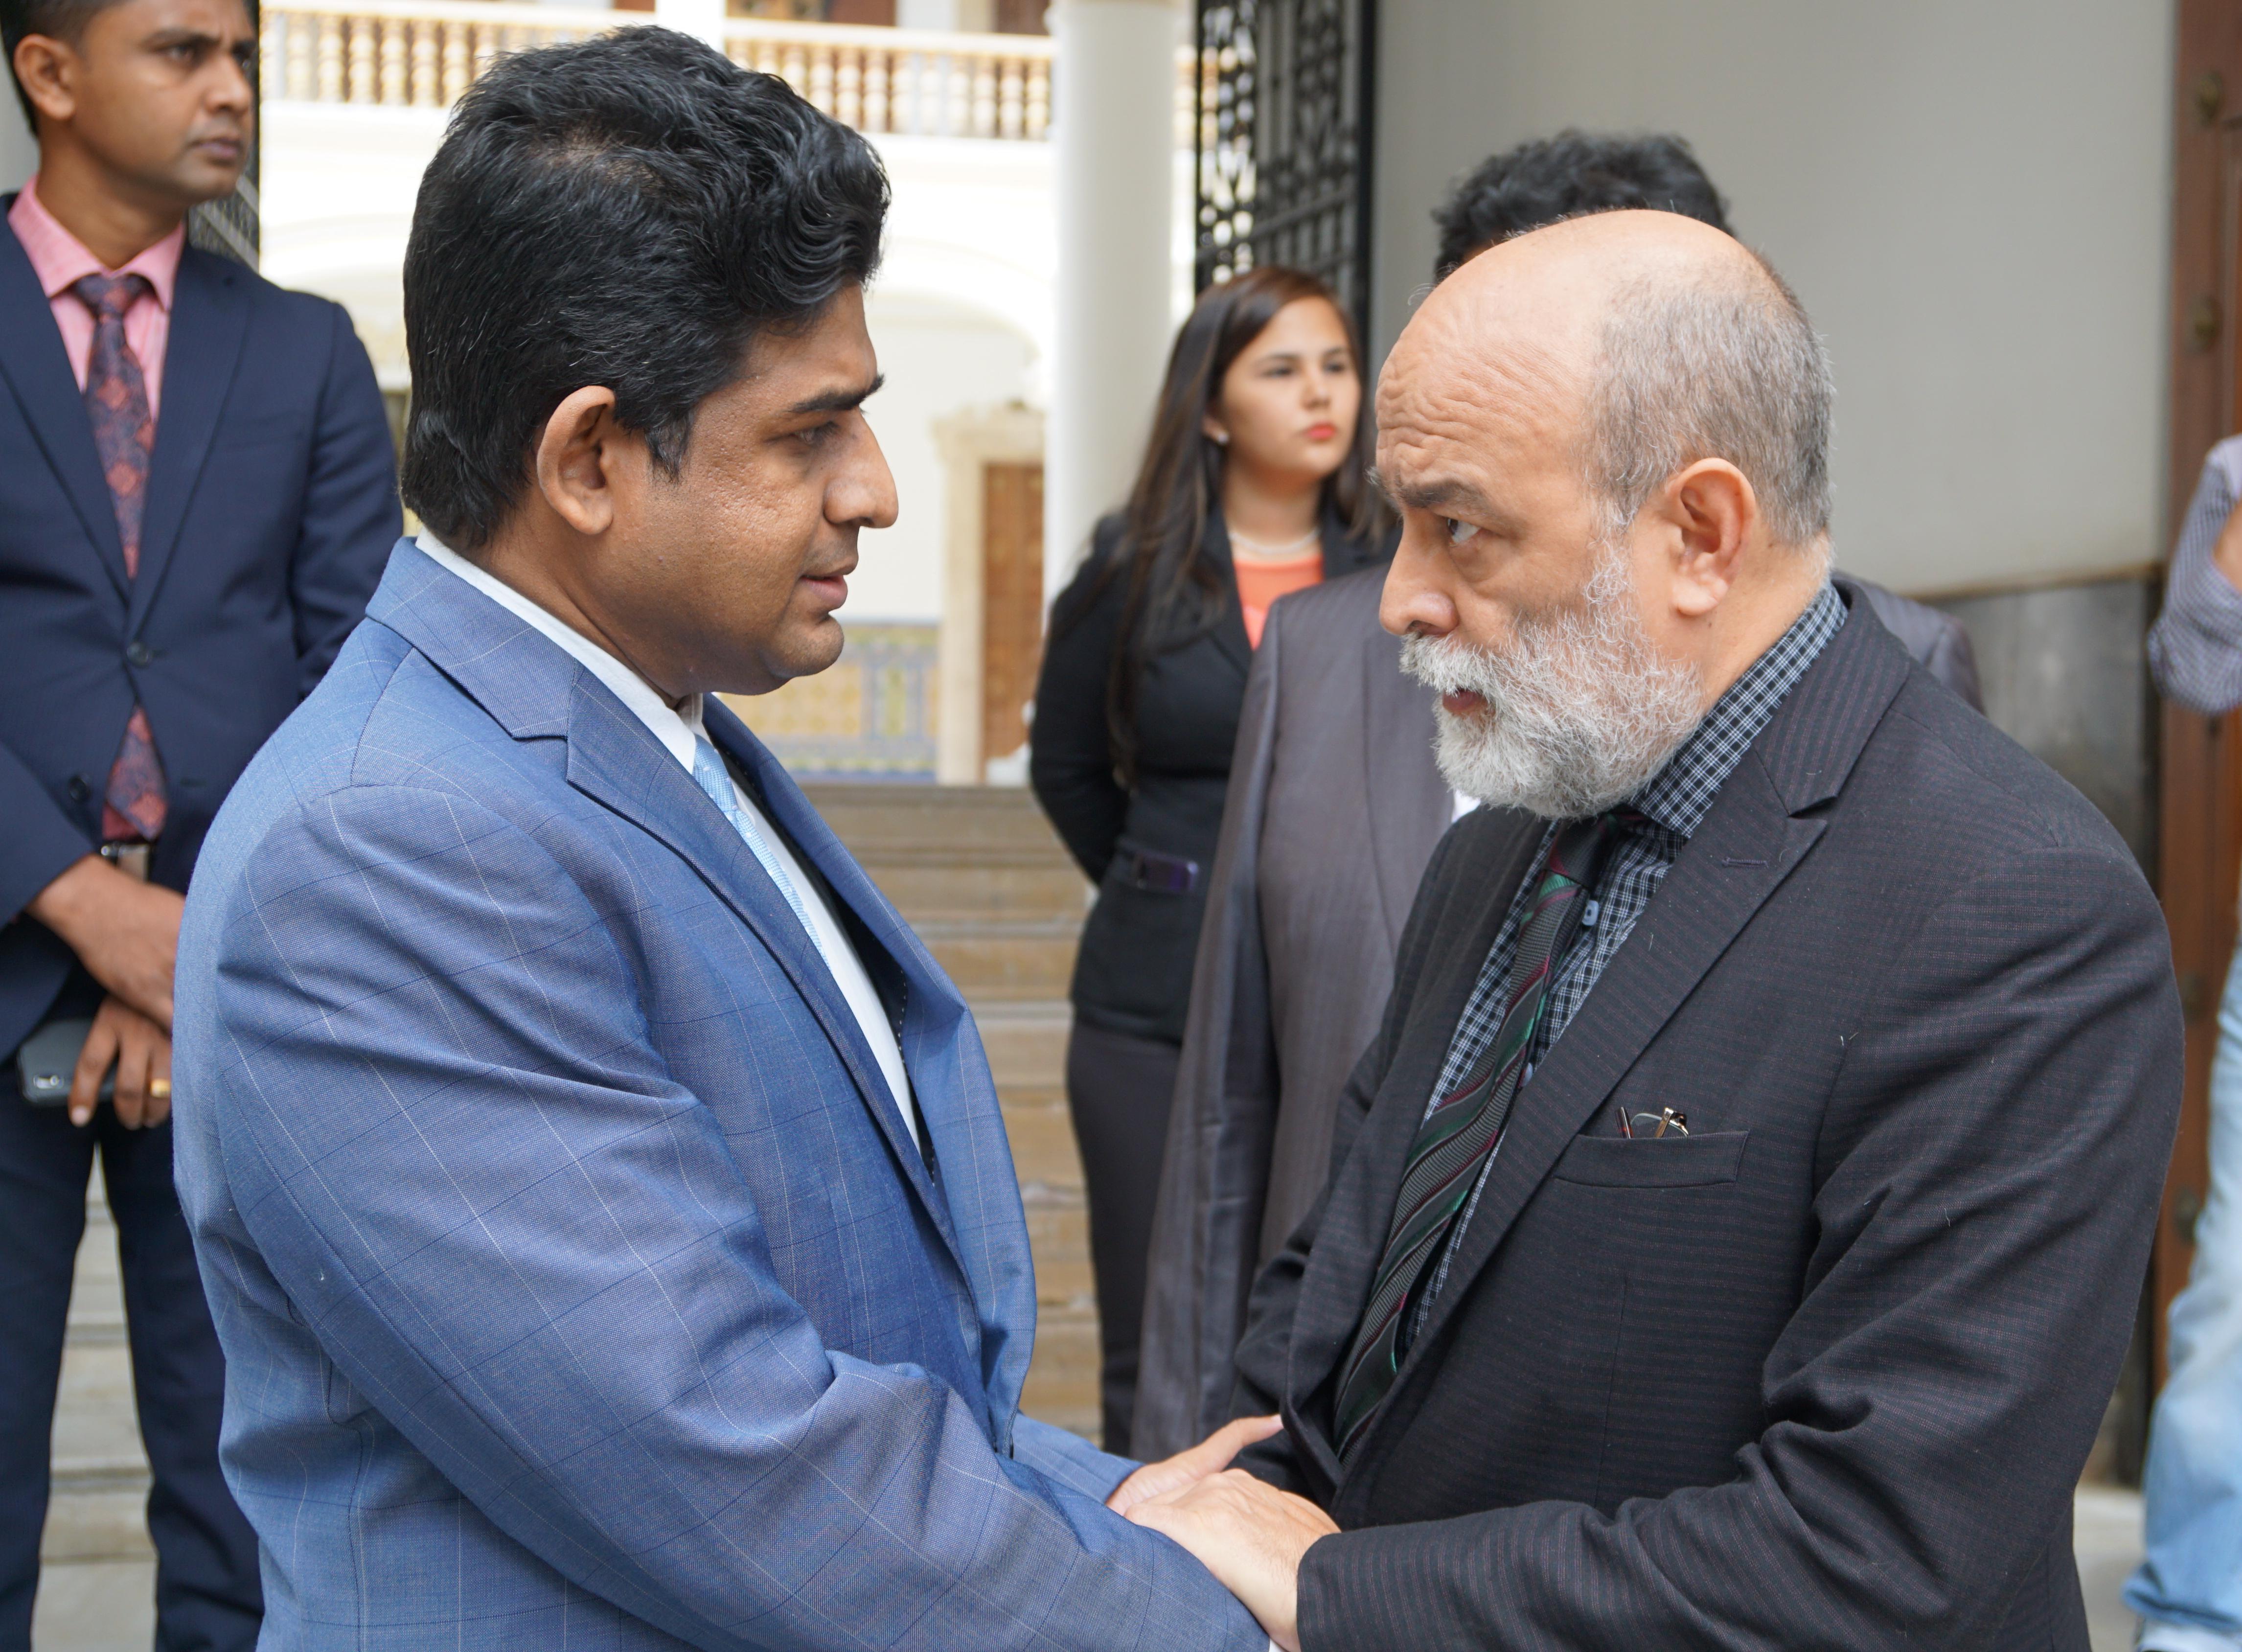 Encuentro entre el Viceministro para Asia, Medio Oriente y Oceanía, Rubén Molina y el Ministro de Estado para Asuntos Exteriores de Sri Lanka, Vasantha Senanayake